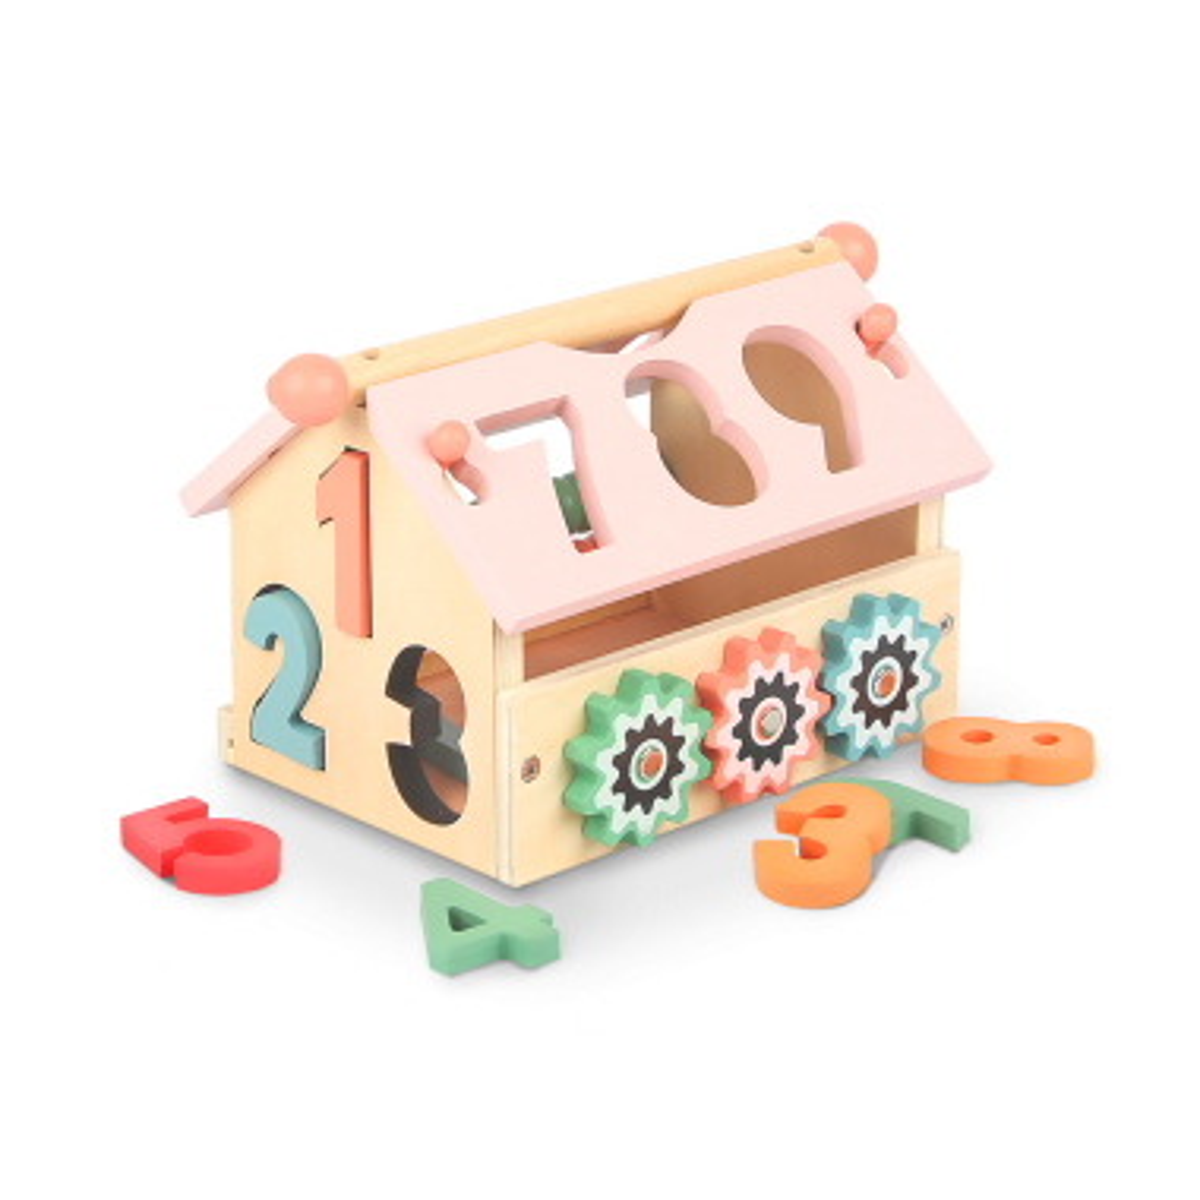 NUMBER HOUSE de madera como producto recomendado